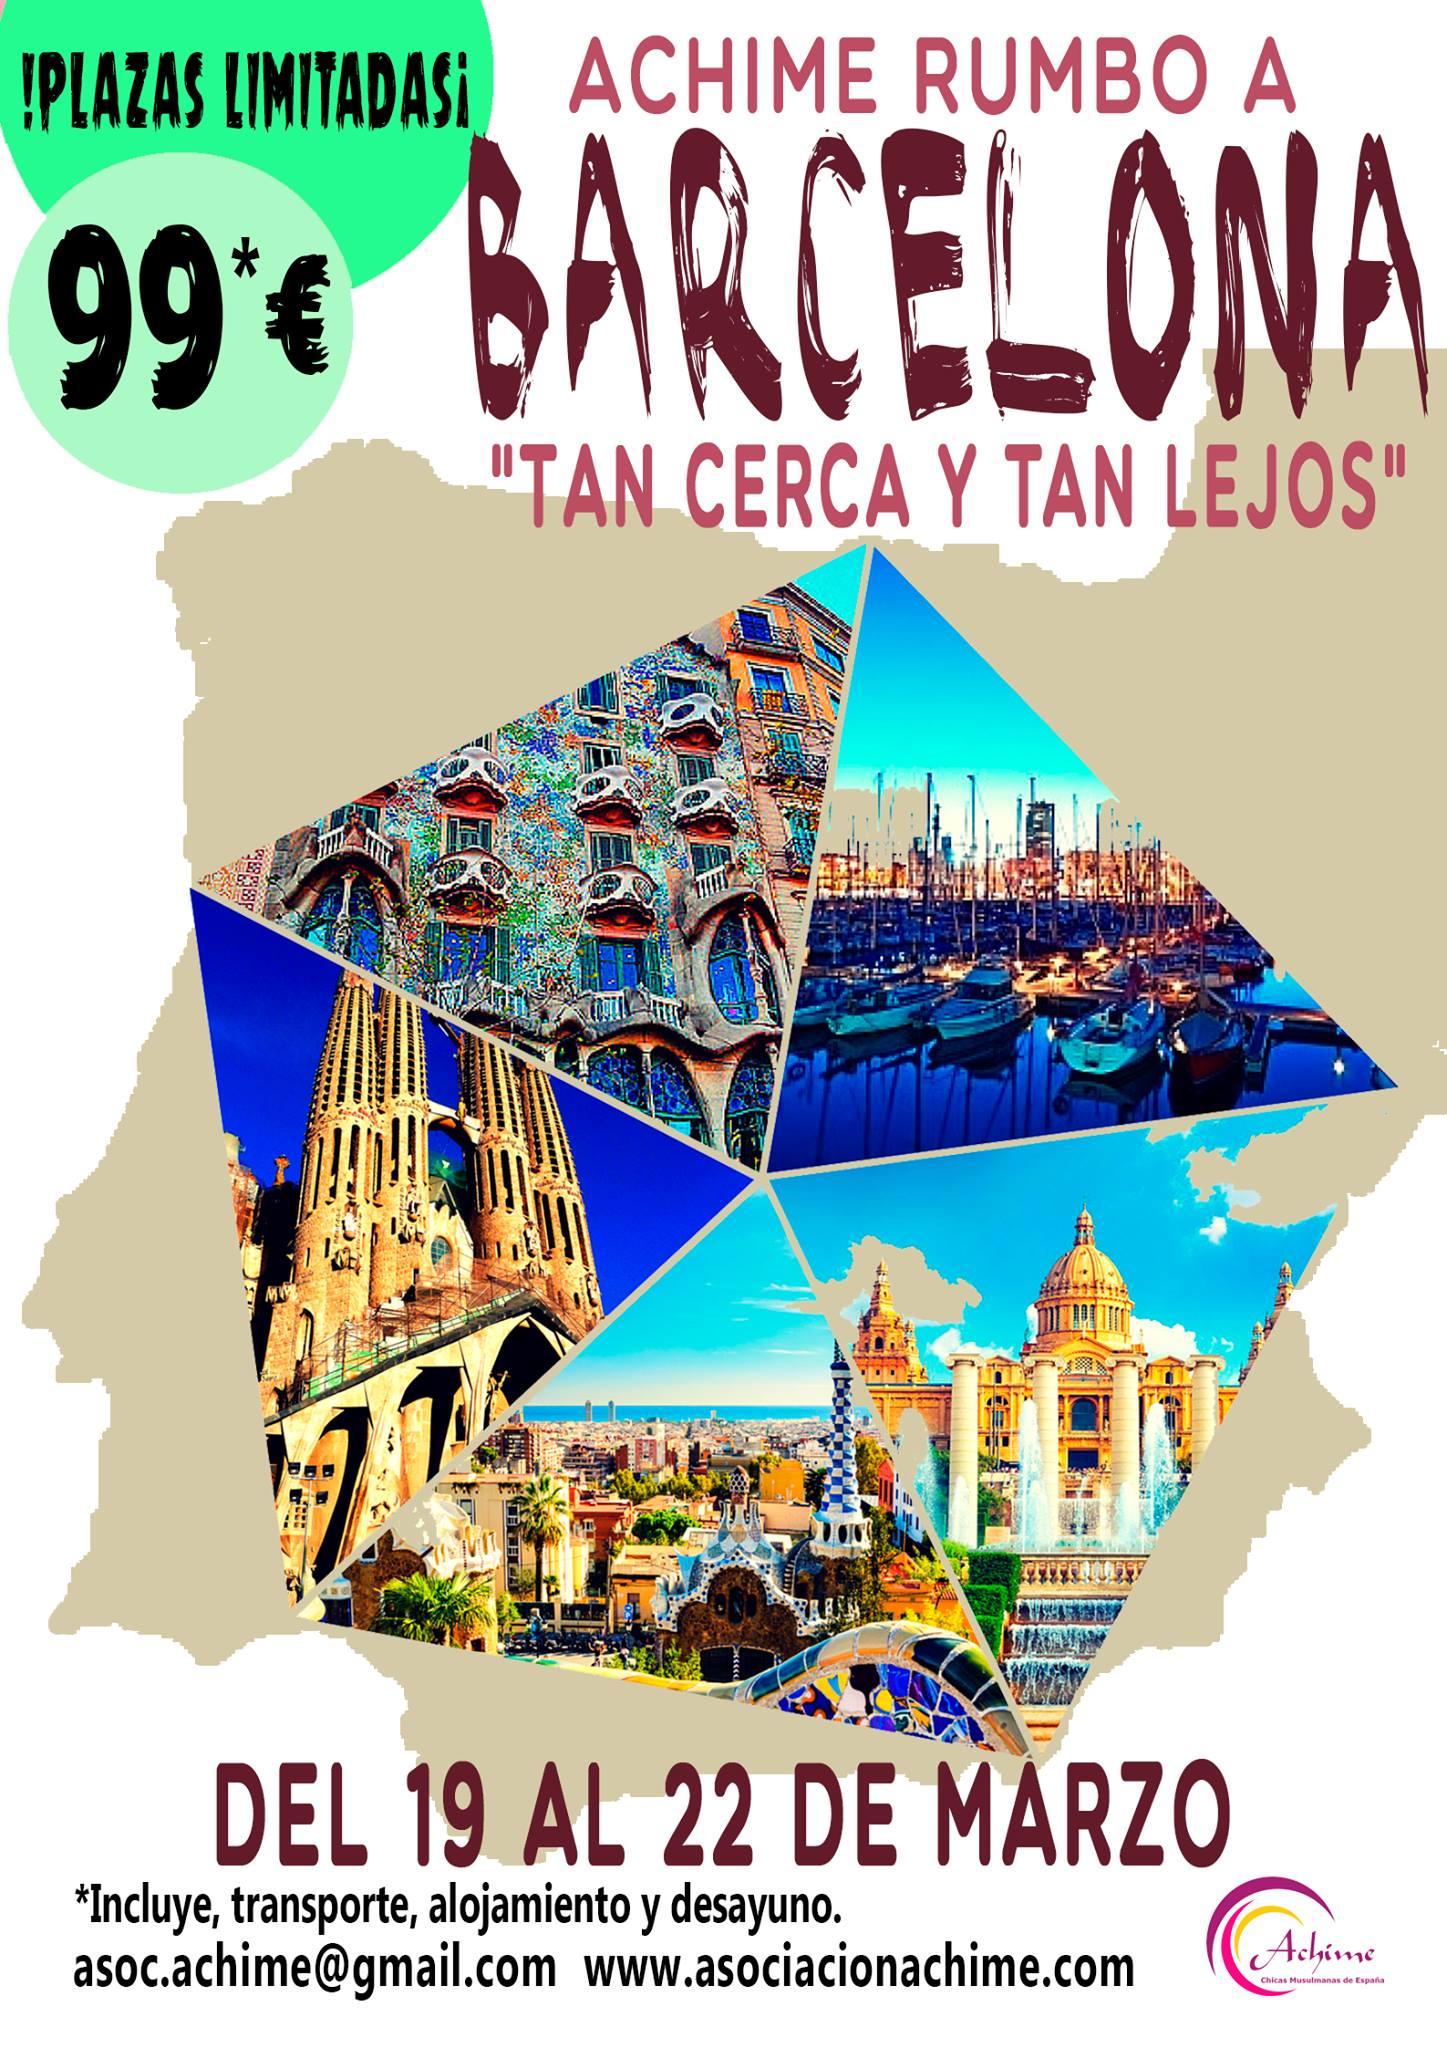 Achime rumbo a Barcelona